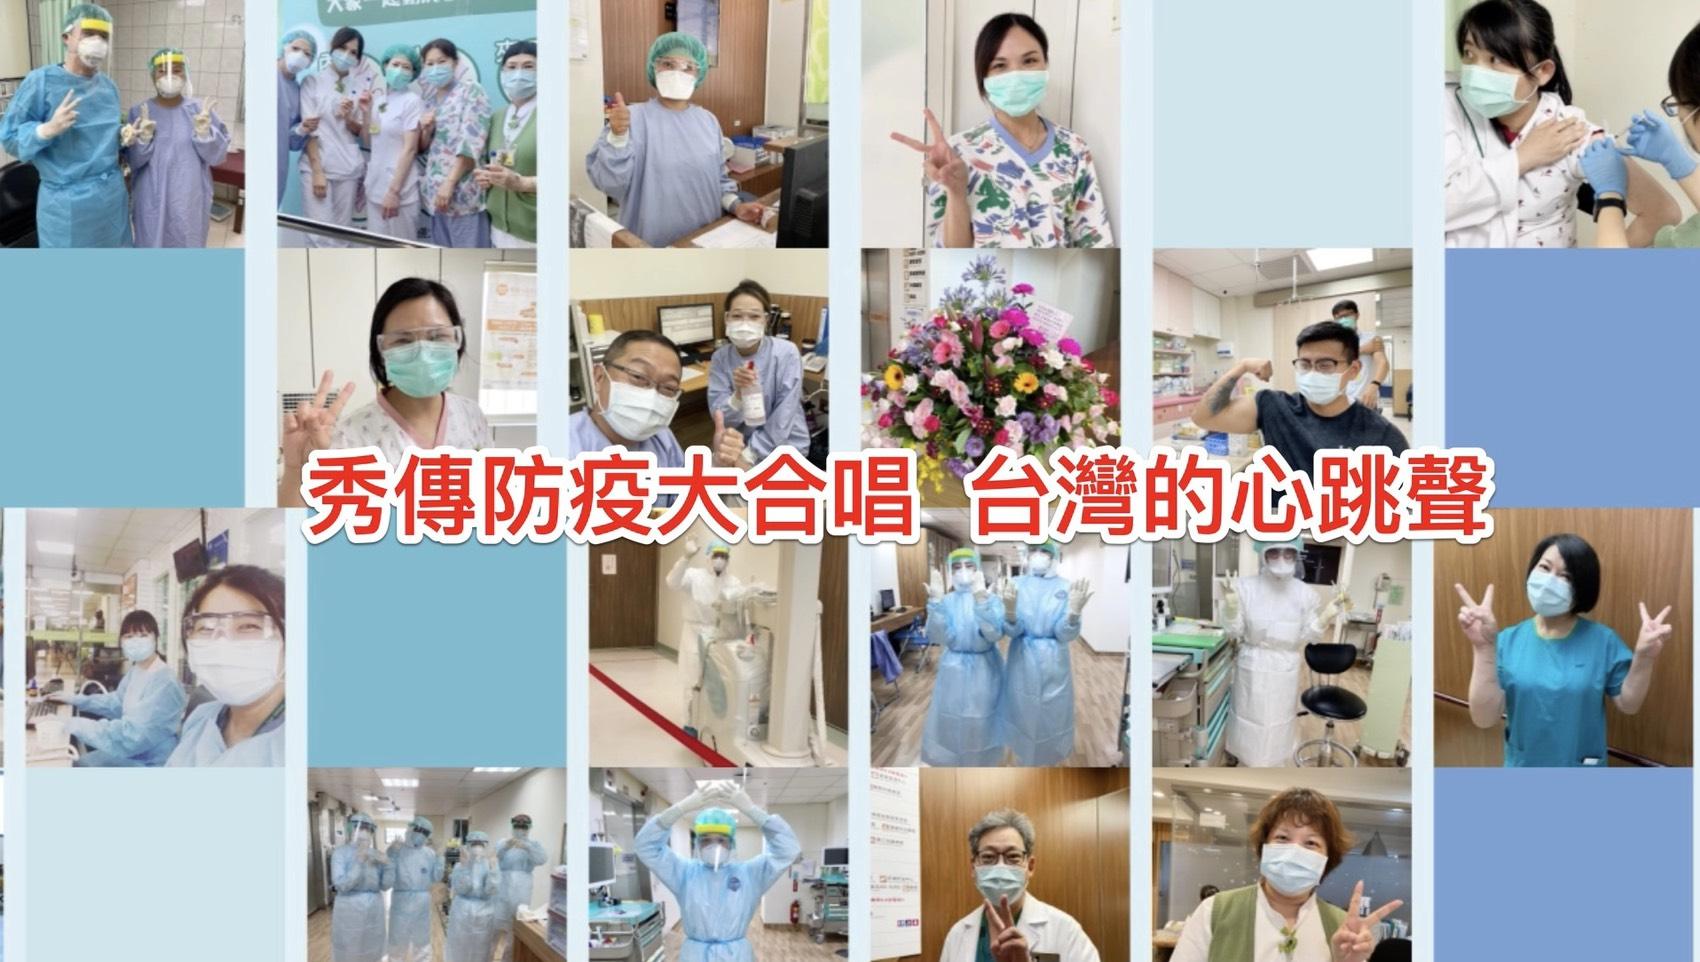 感動人心!秀傳醫護獻唱《台灣的心跳聲》 號召防疫不分您我 齊心合力共同抗疫